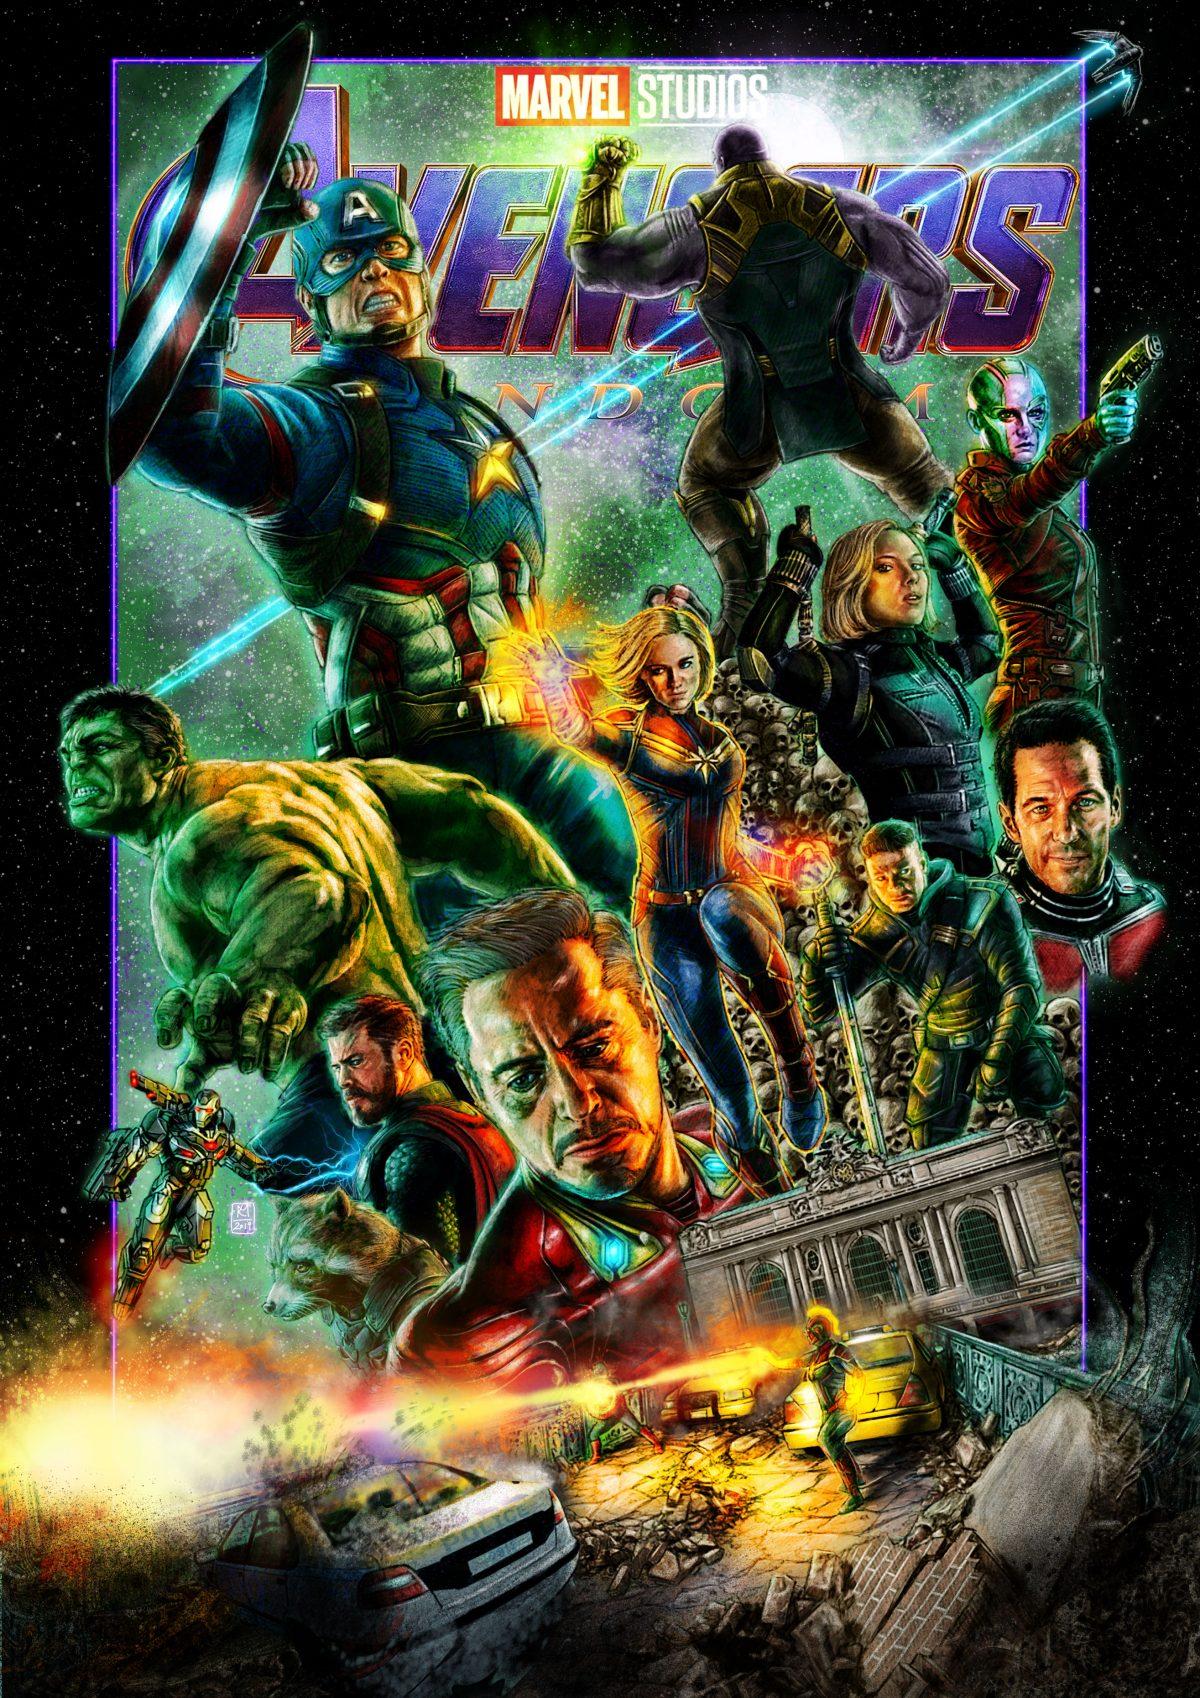 Avengers: Endgame - PosterSpy